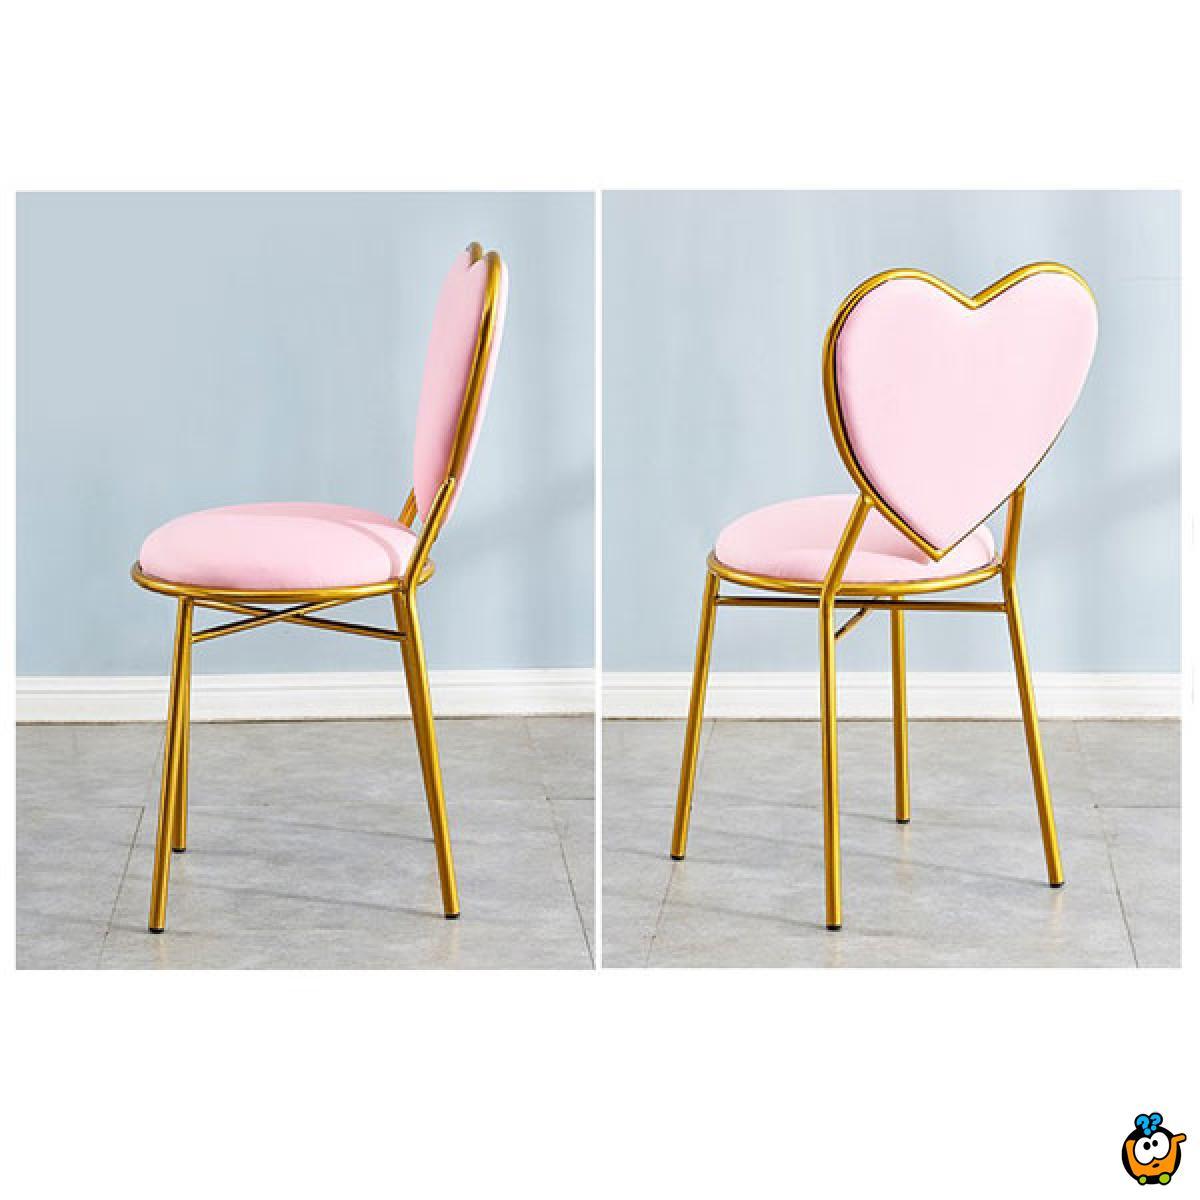 HEART DESIGN - Moderna stolica u obliku srca